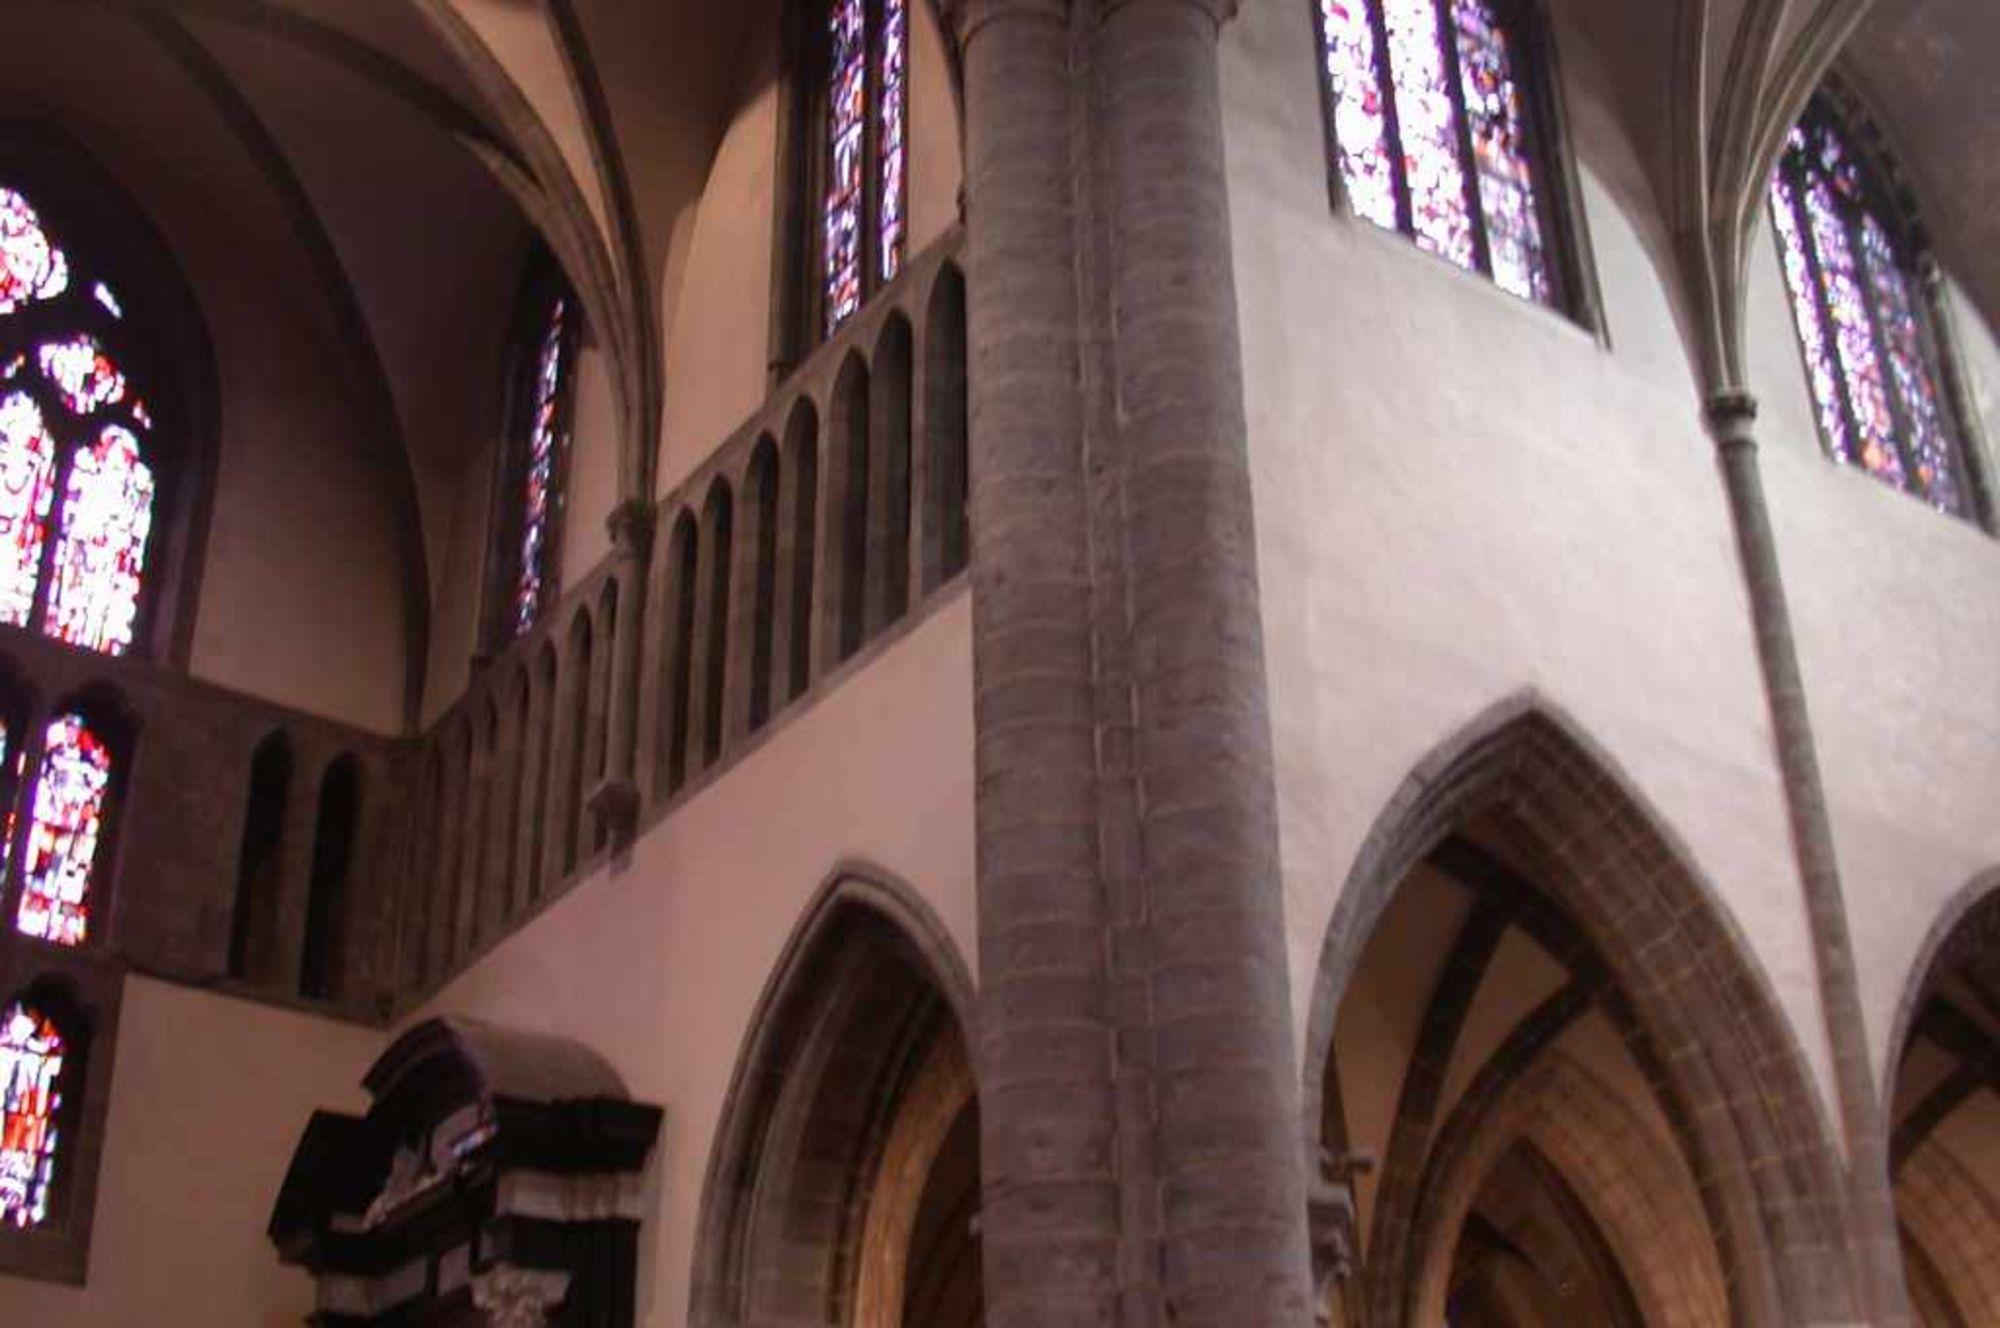 Onze-Lieve-Vrouwekerk